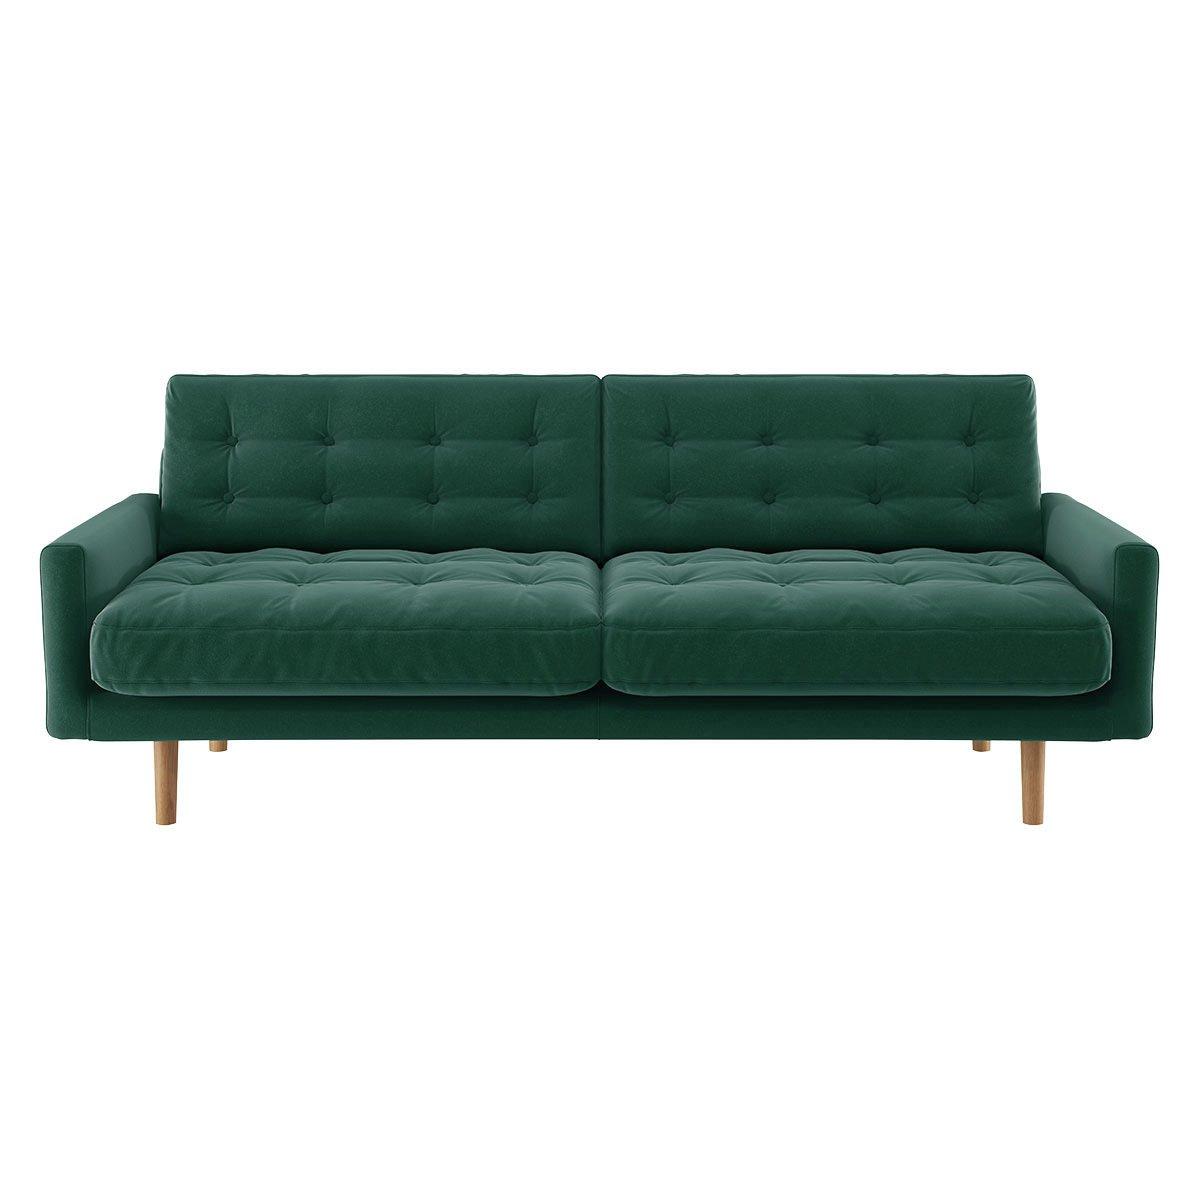 Habitat Fenner 3 Seater Velvet Sofa - Emerald Green